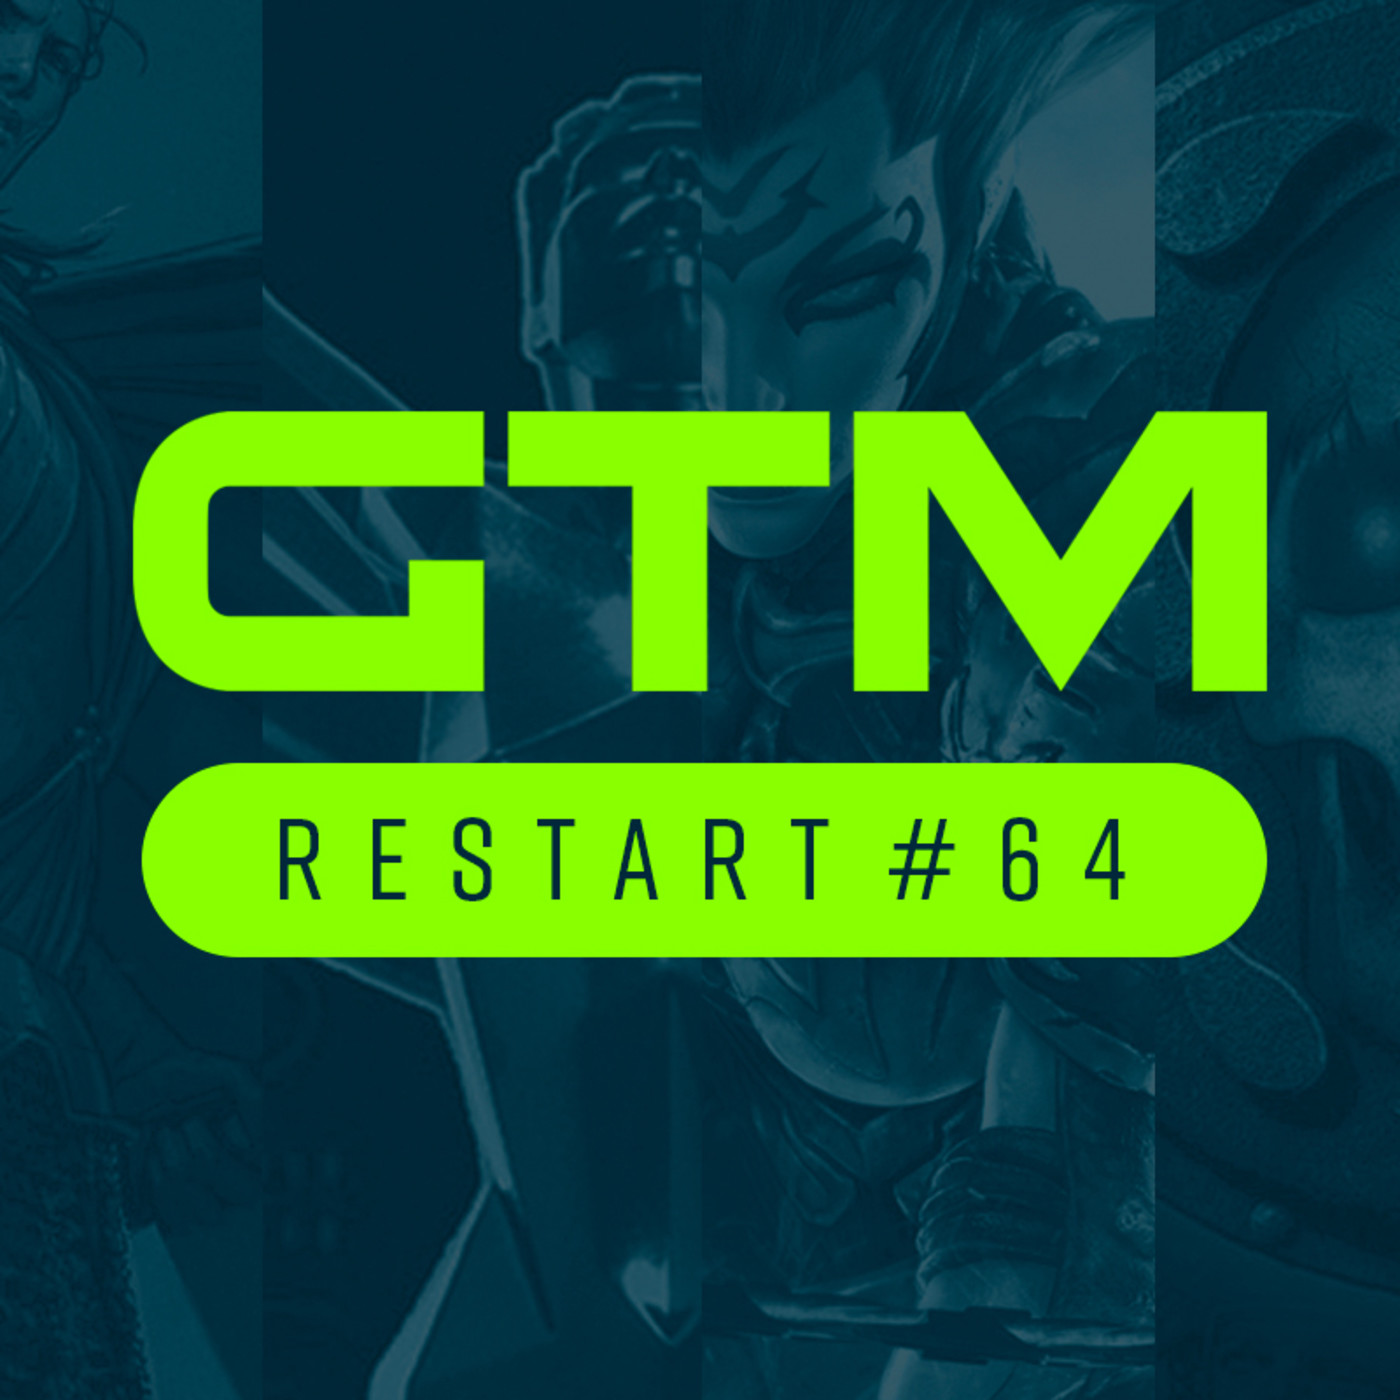 GTM Restart #64 |La Nueva Rockstar · Crytek Despierta · Ghost of Tsushima · Final Fantasy VII Remake · Spin Off de FF7